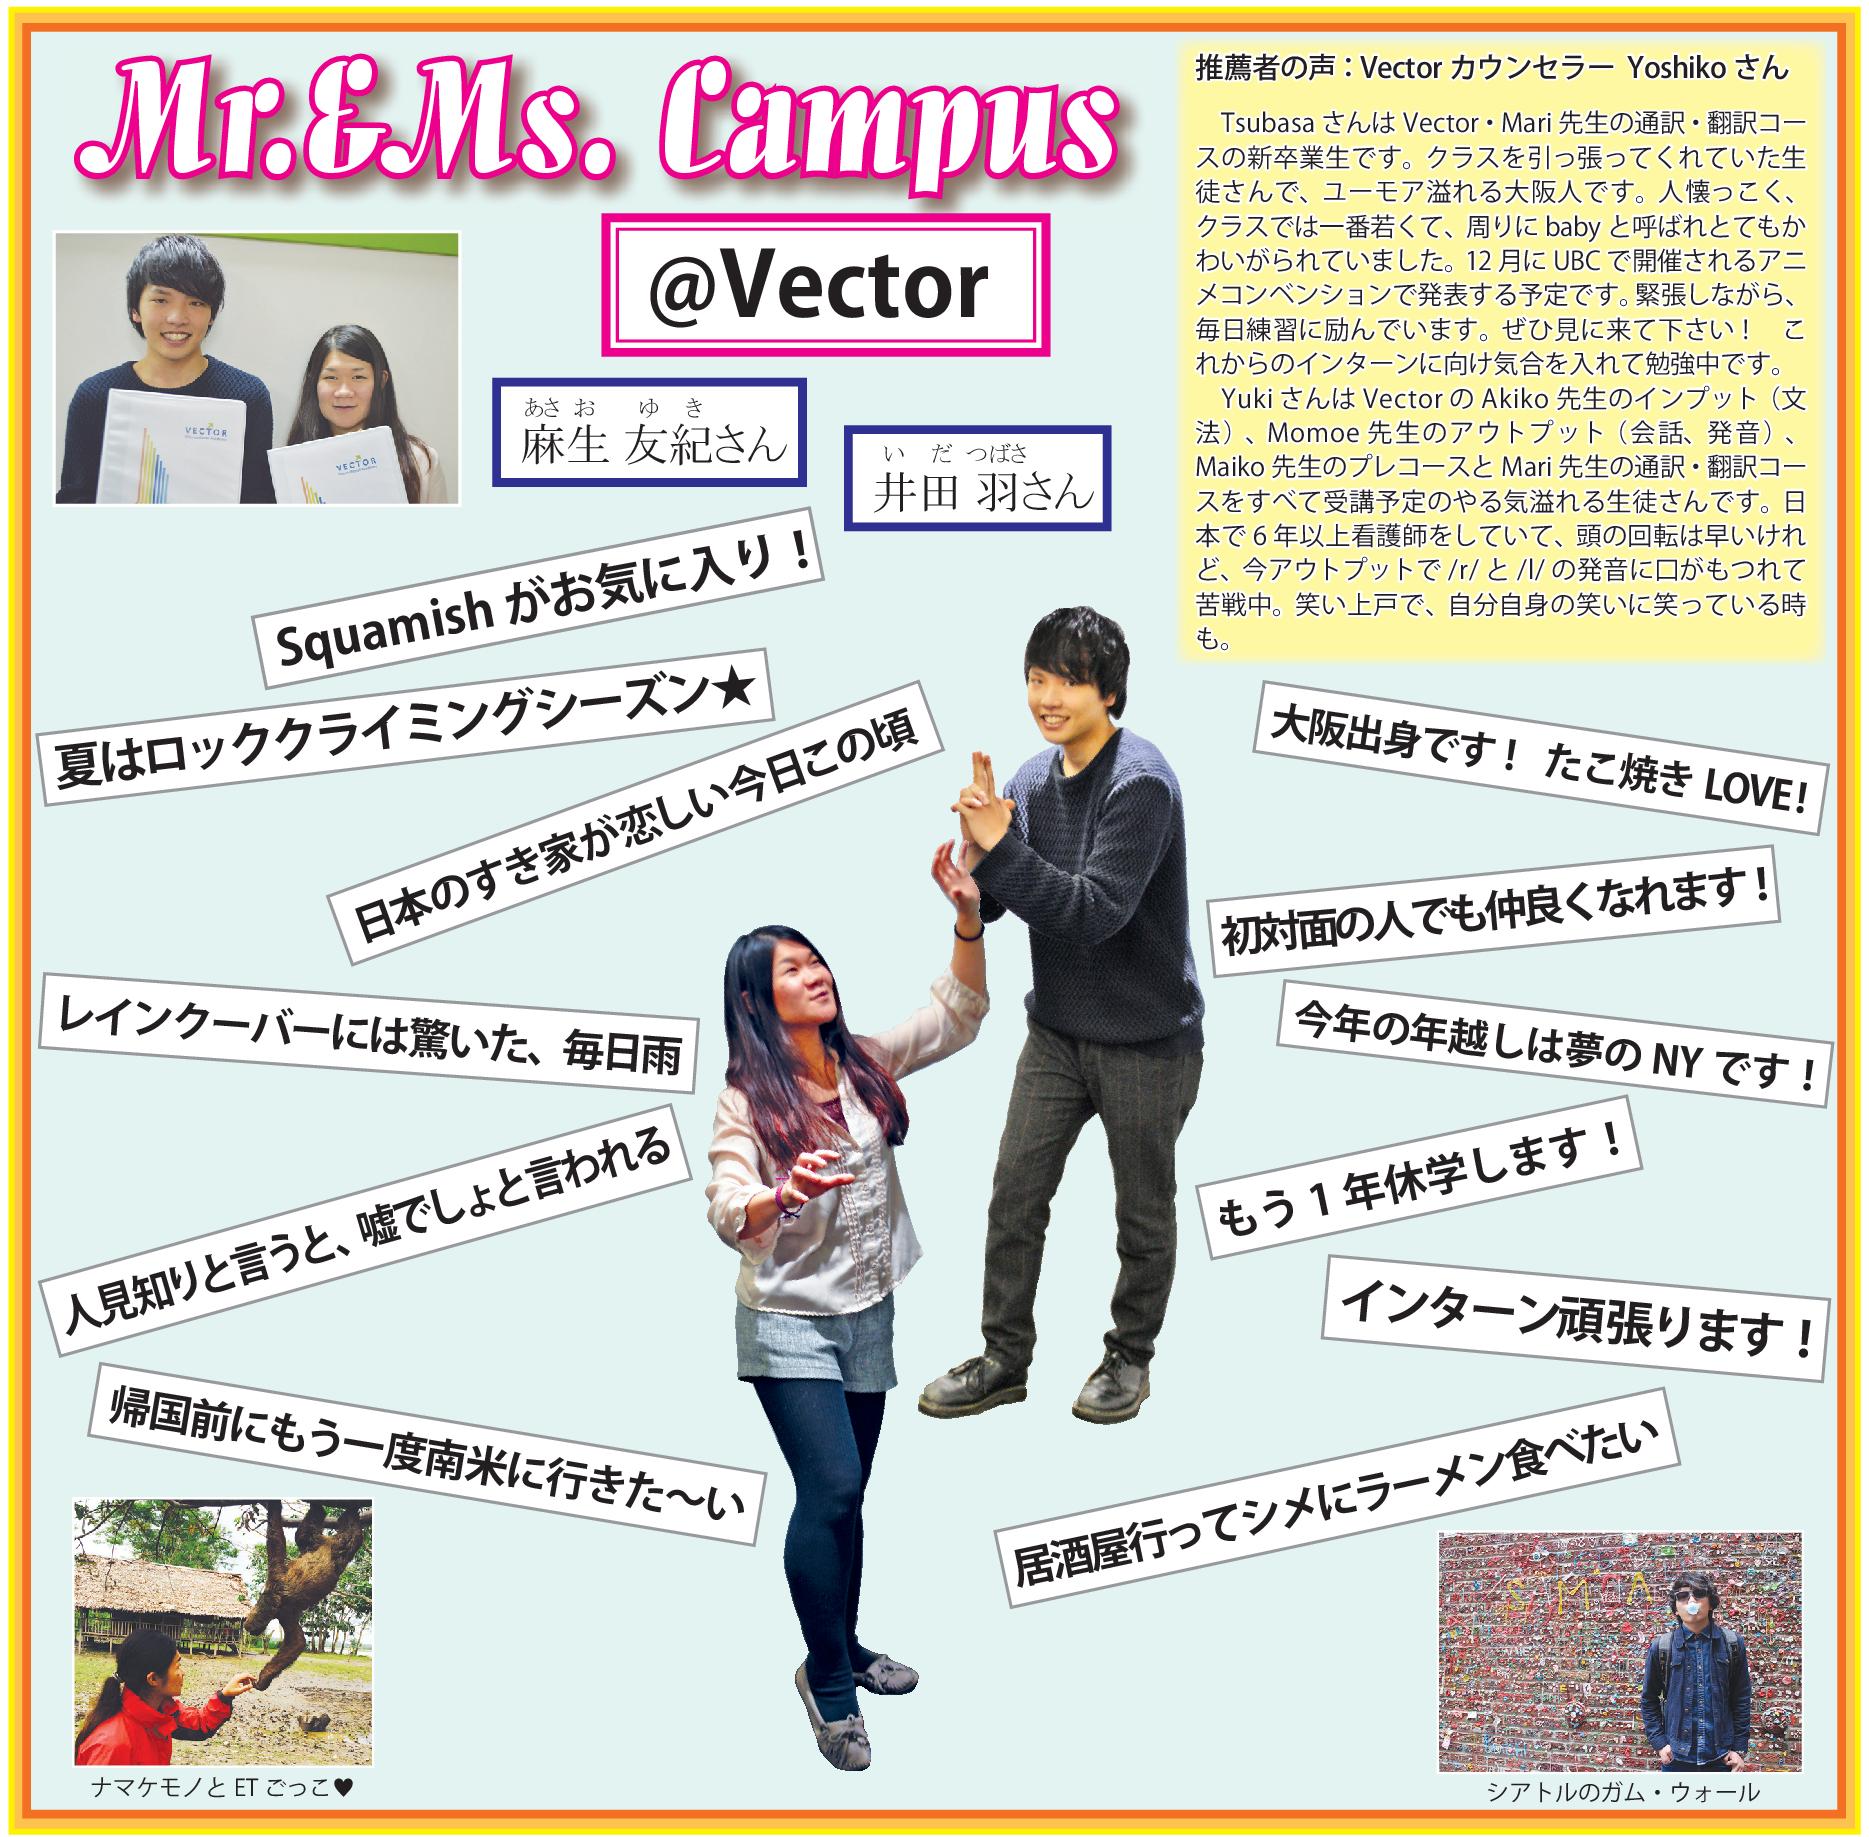 vectormr1